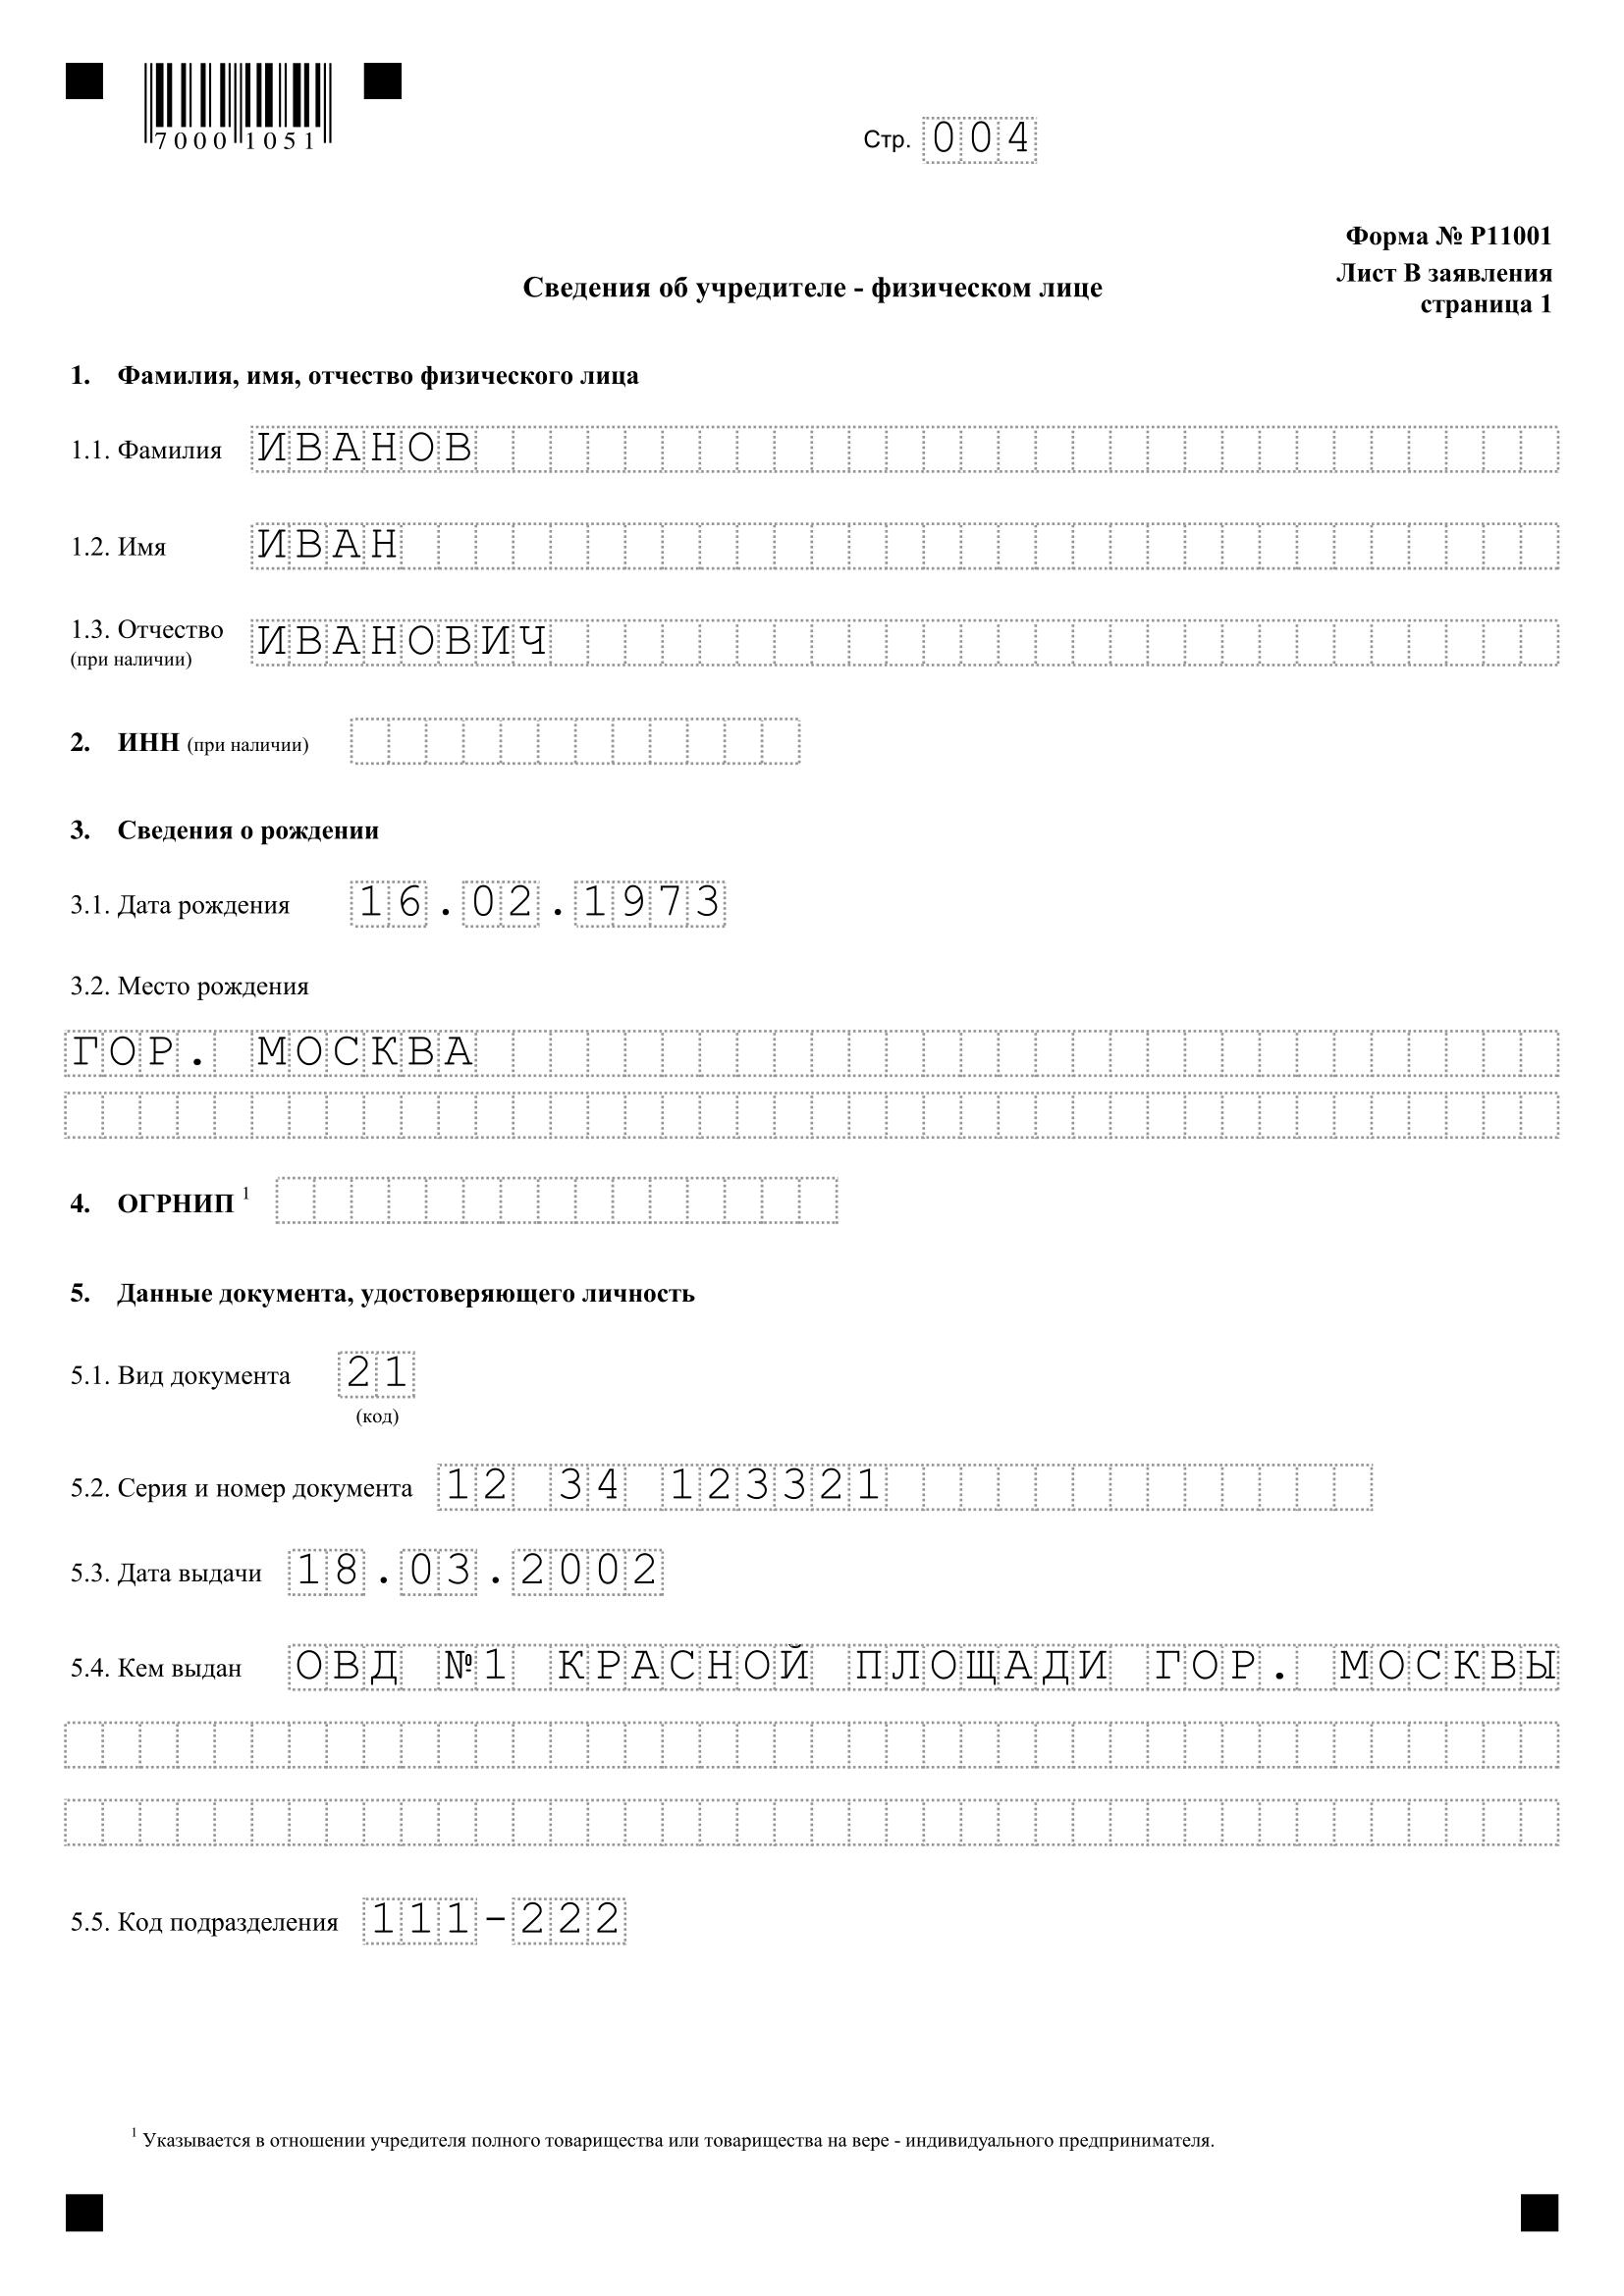 Образец заявления учредителей о регистрации ооо оплата госпошлины за регистрацию ооо учредителем